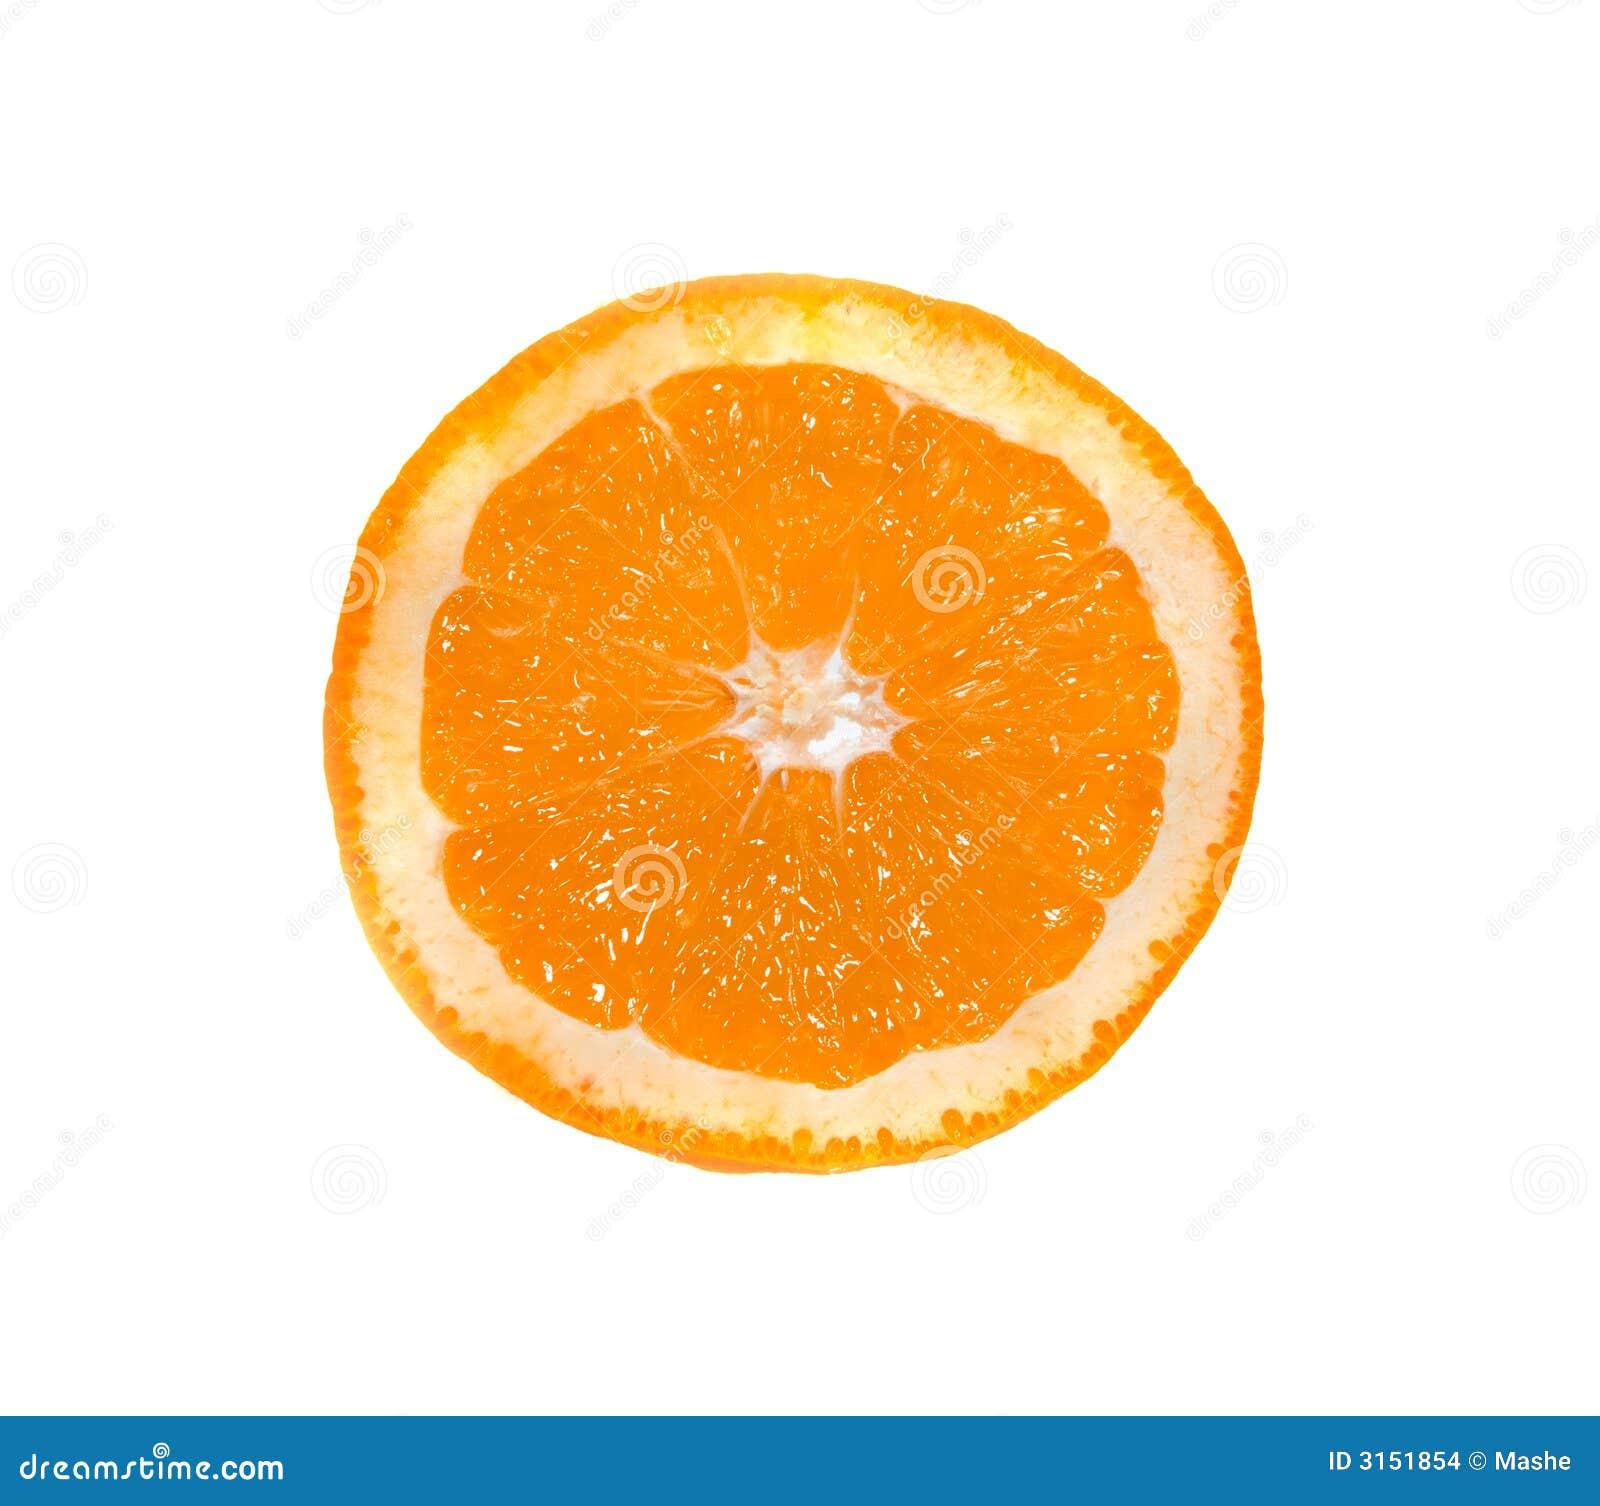 Scheibe einer Orange.